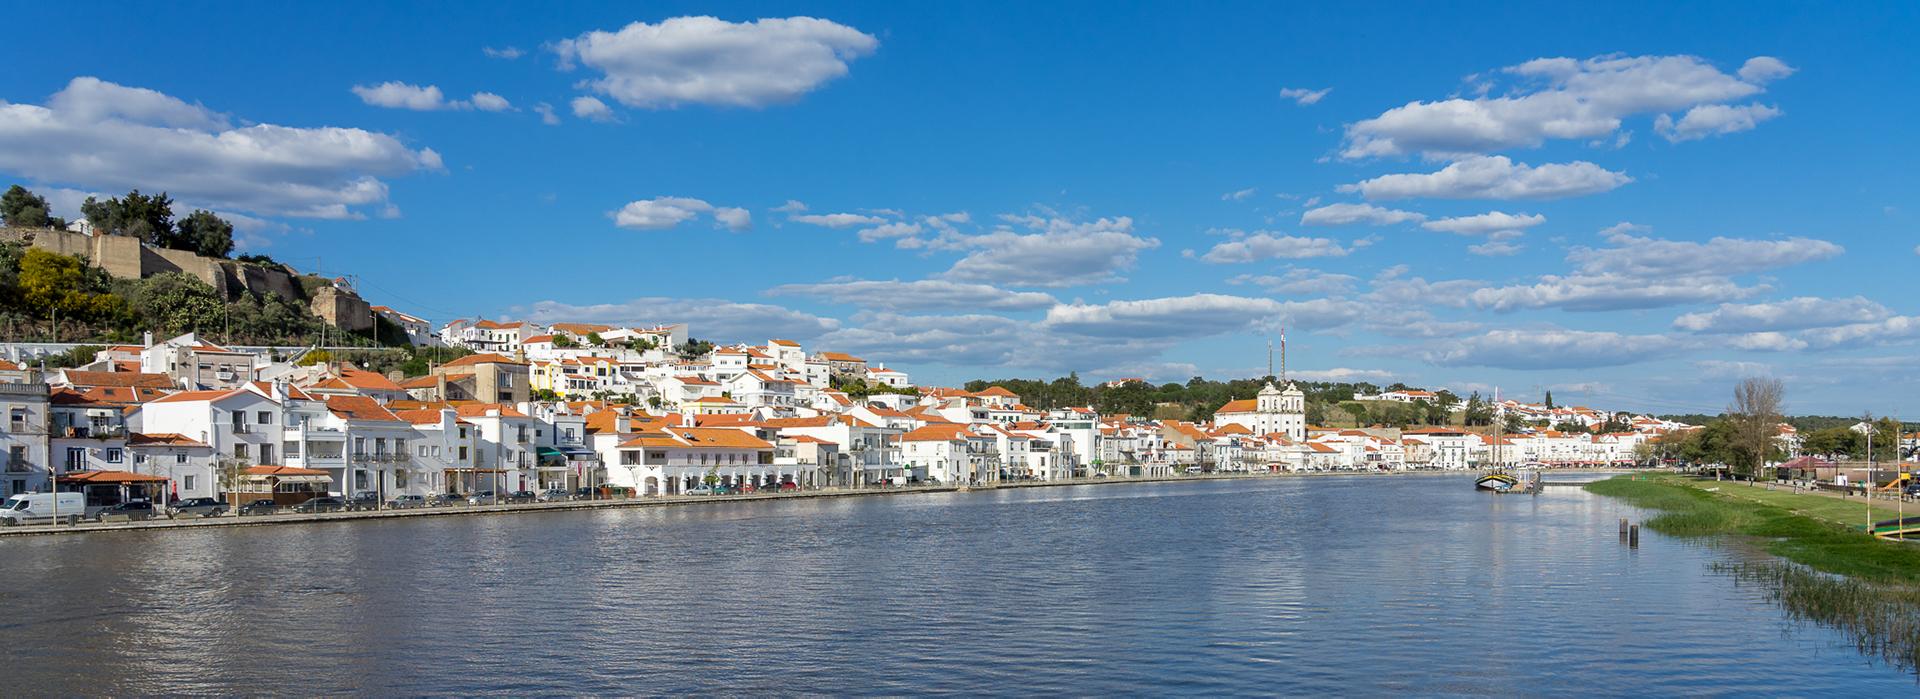 Bilder aus Portugal